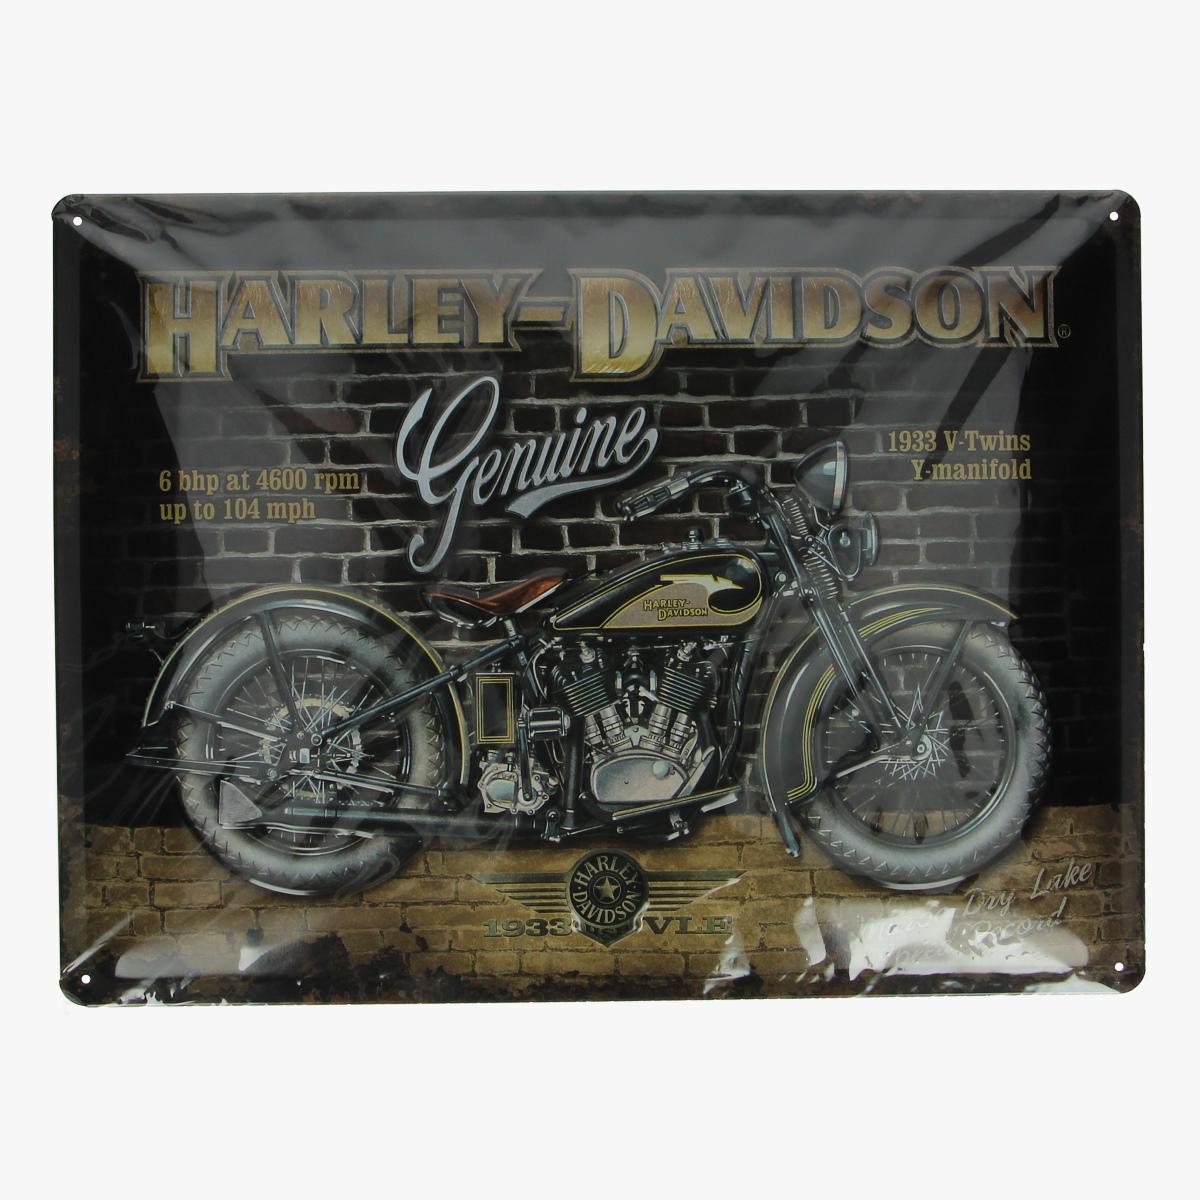 Afbeeldingen van blikken bord Harley-Davidson Genuine repro geseald